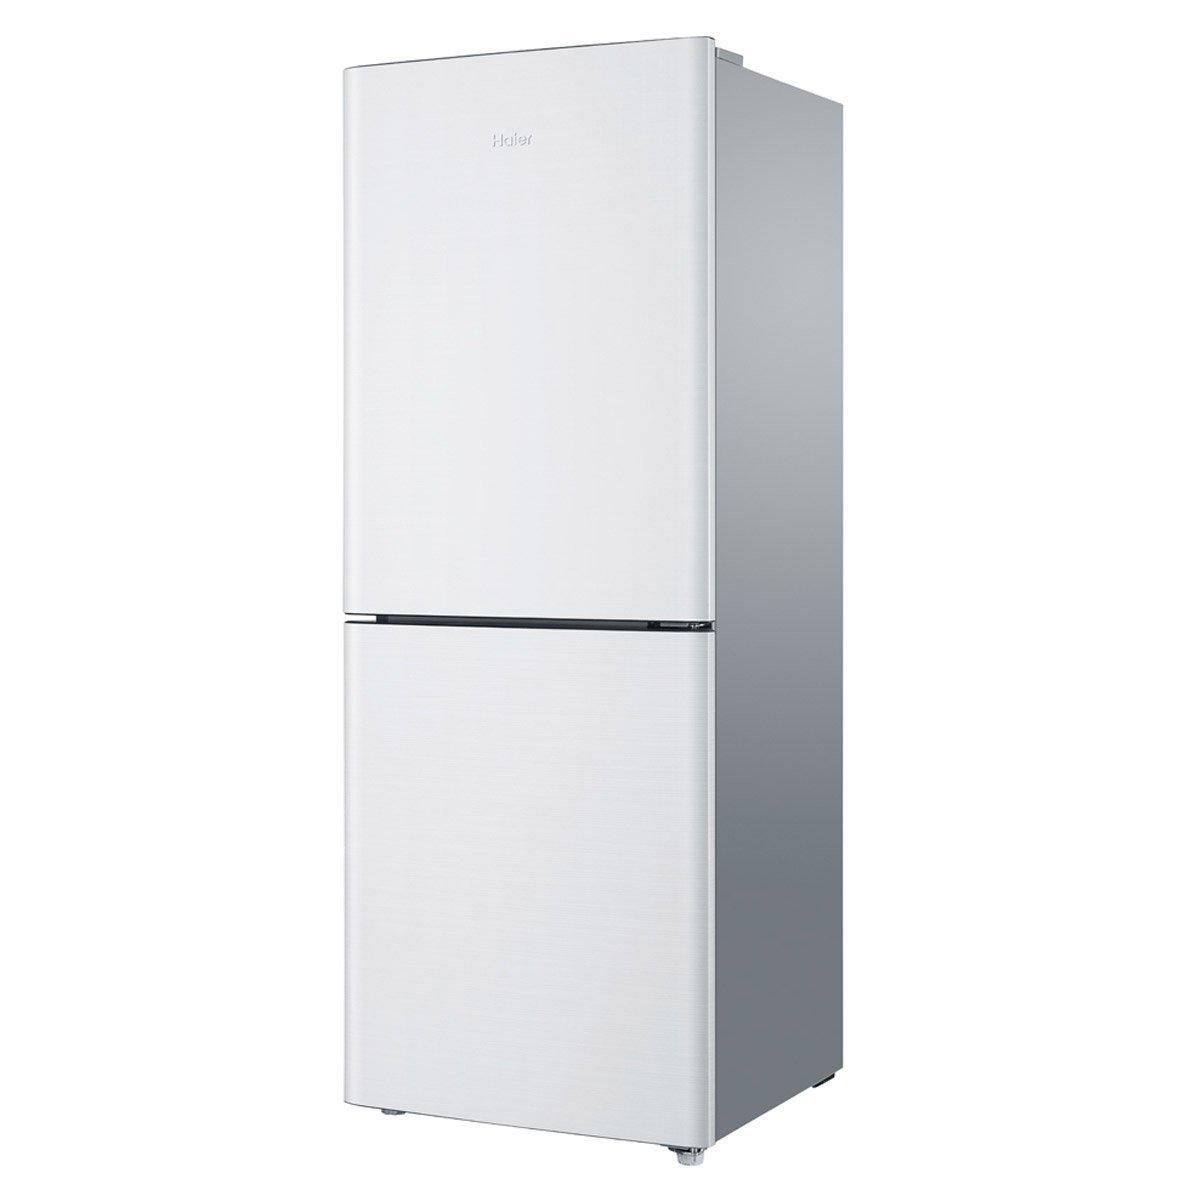 电冰箱图片大全_电冰箱【图片 价格 包邮 视频】_淘宝助理